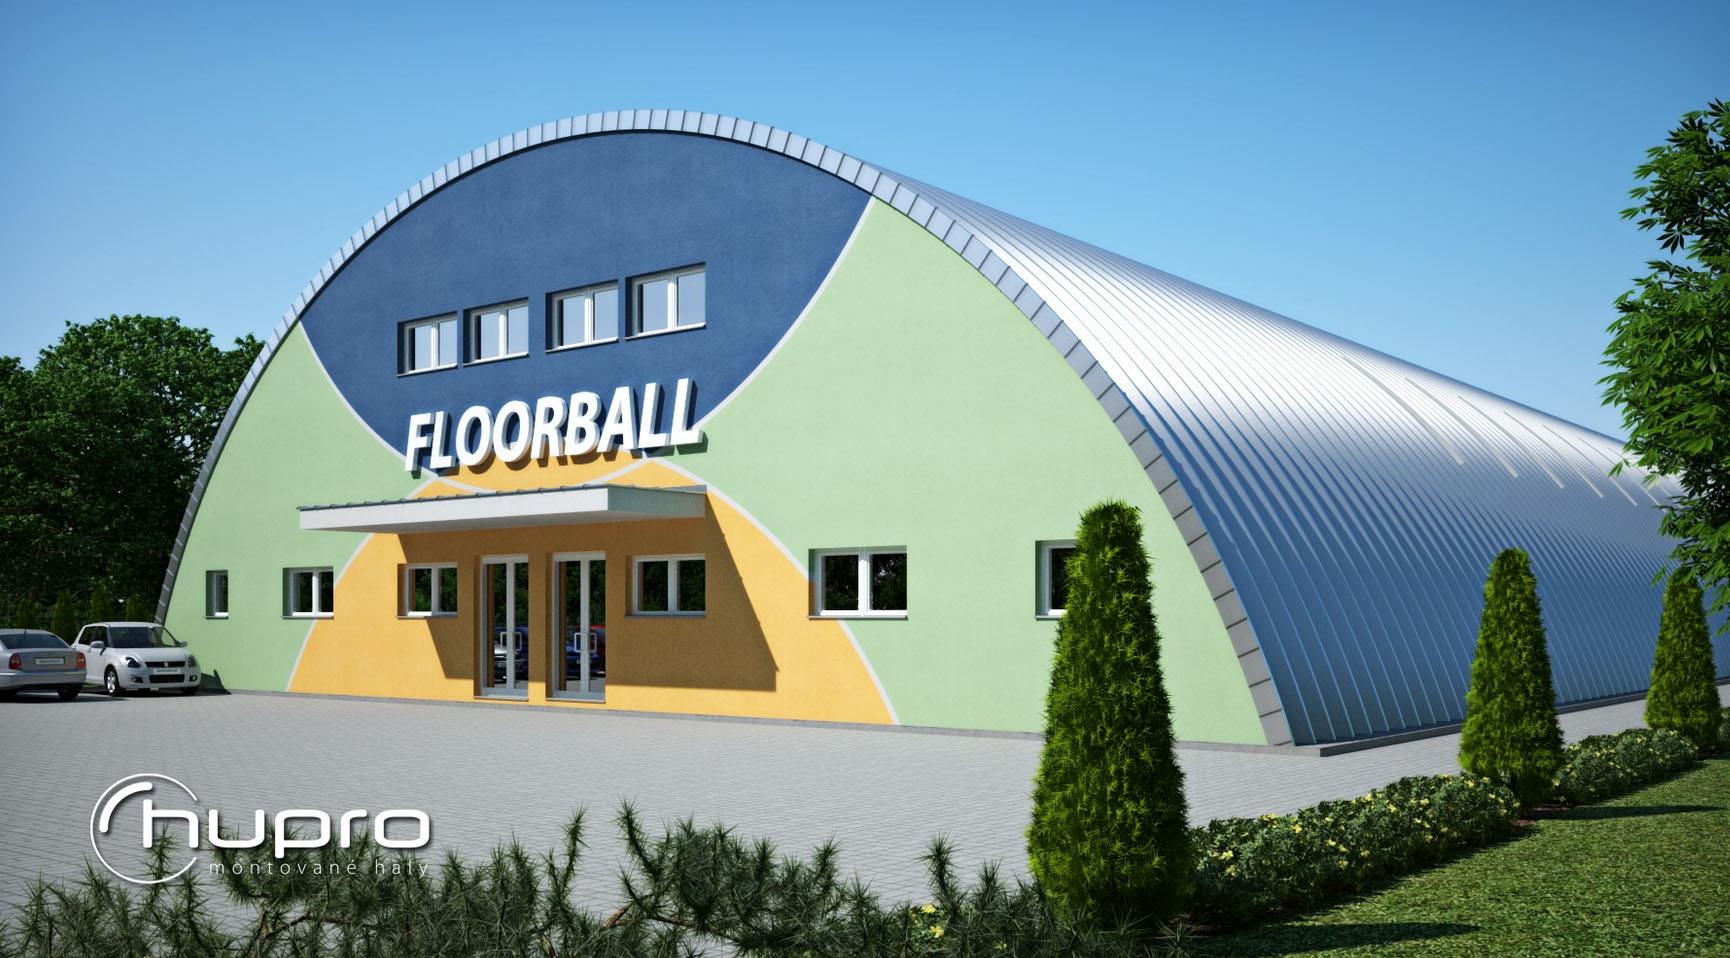 Výstavba, samonosné montované sportovní haly obloukové Zlín